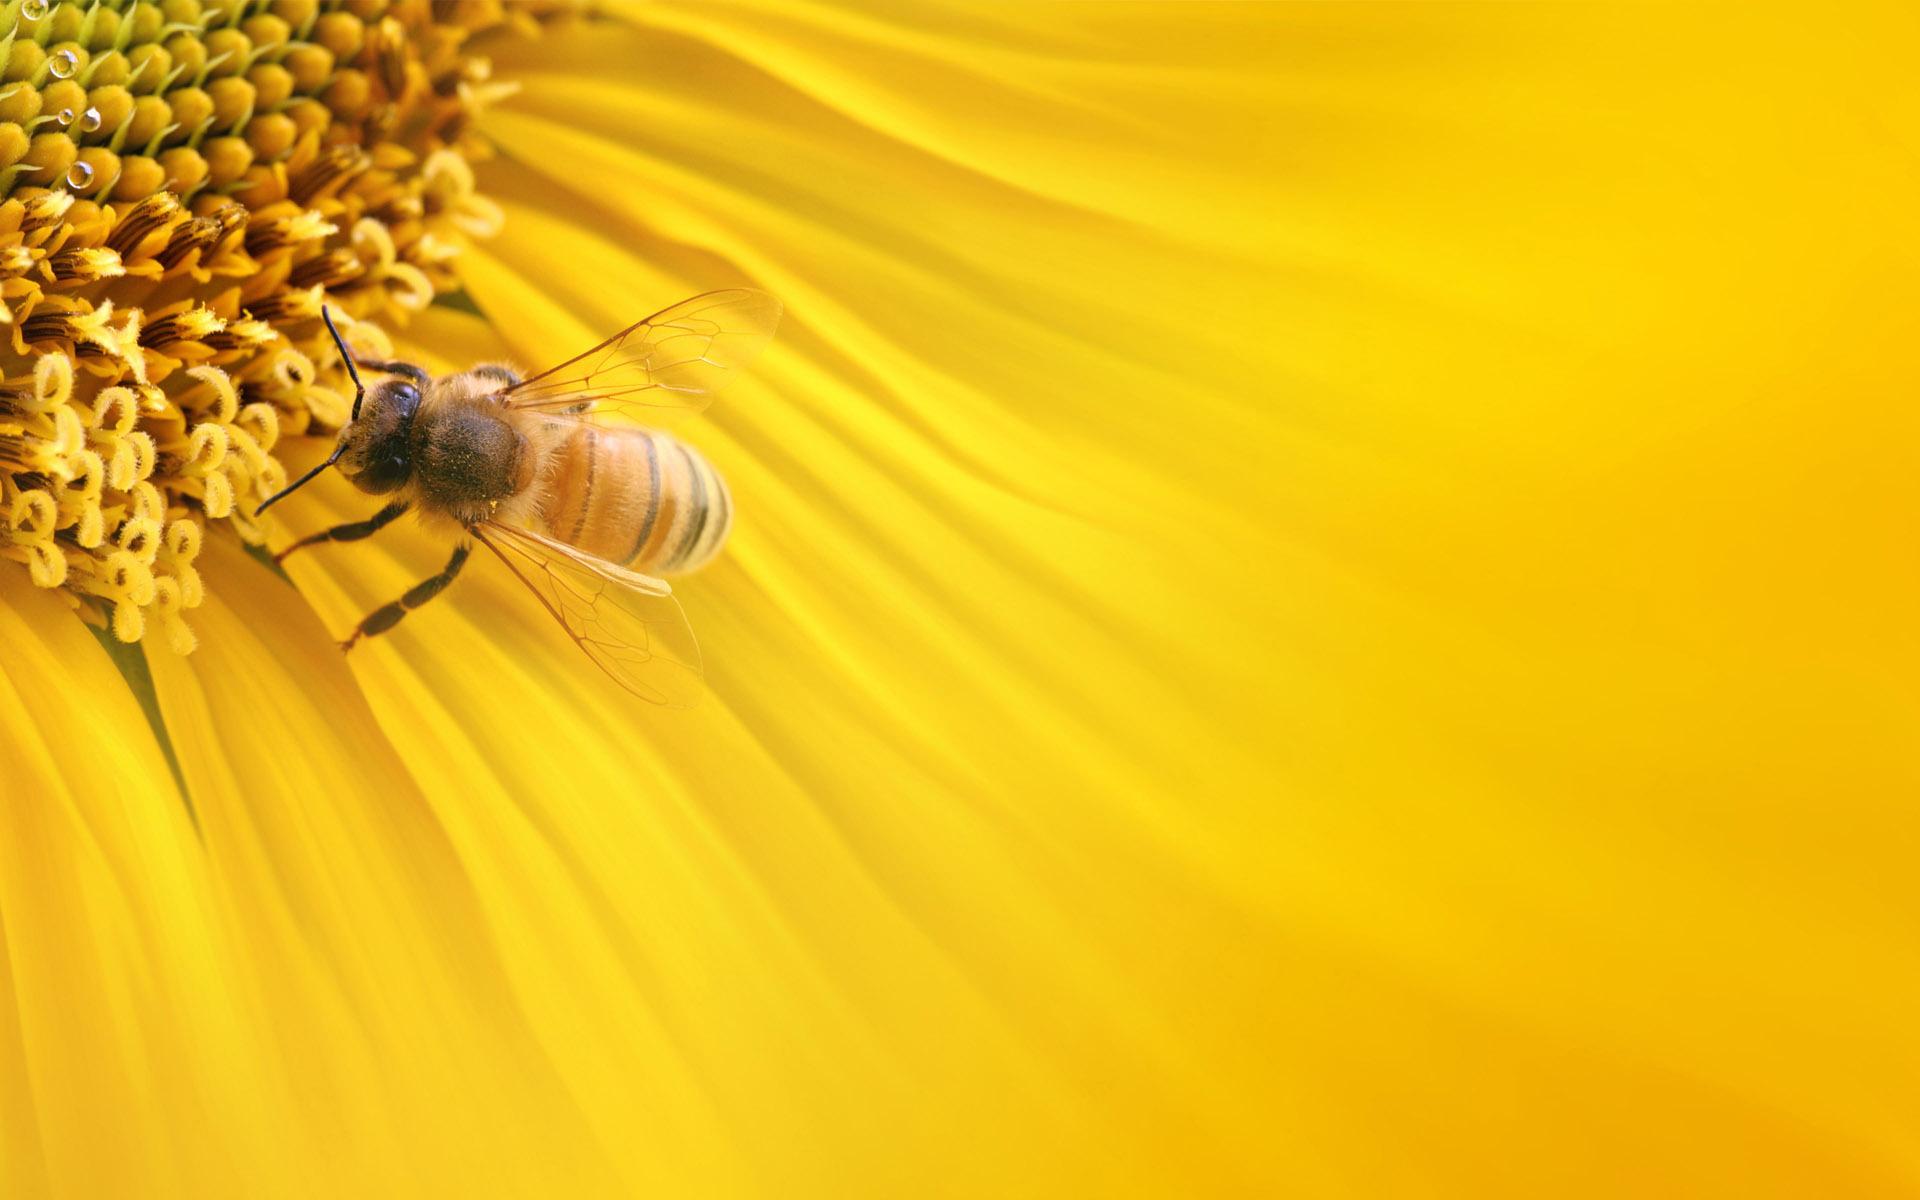 bee desktop backgrounds